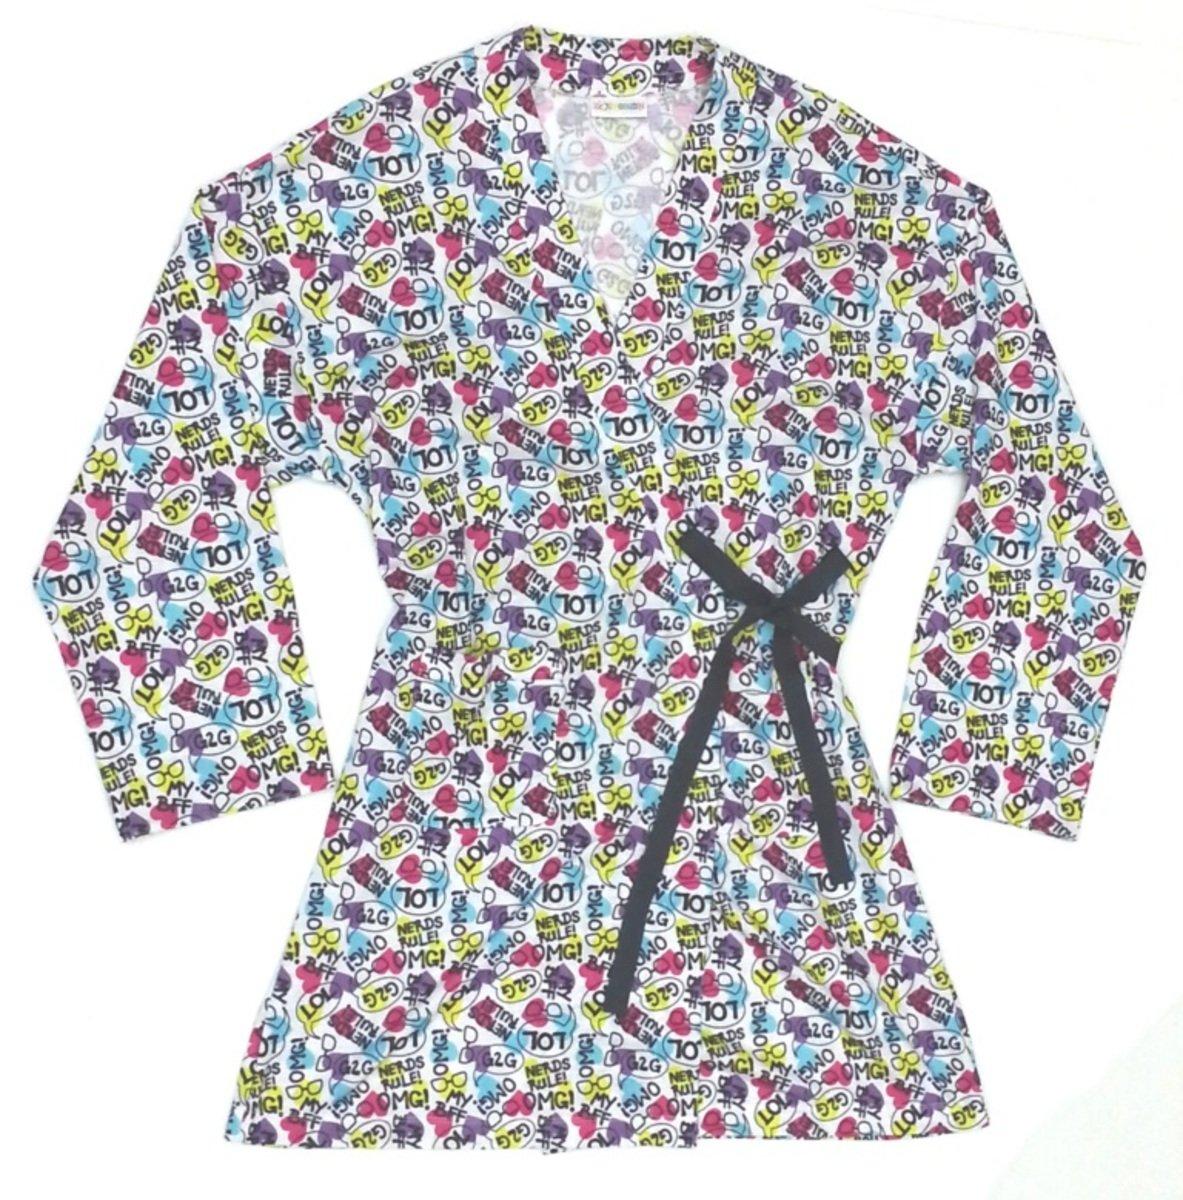 針織布日式浴衣加拉鏈包裝袋